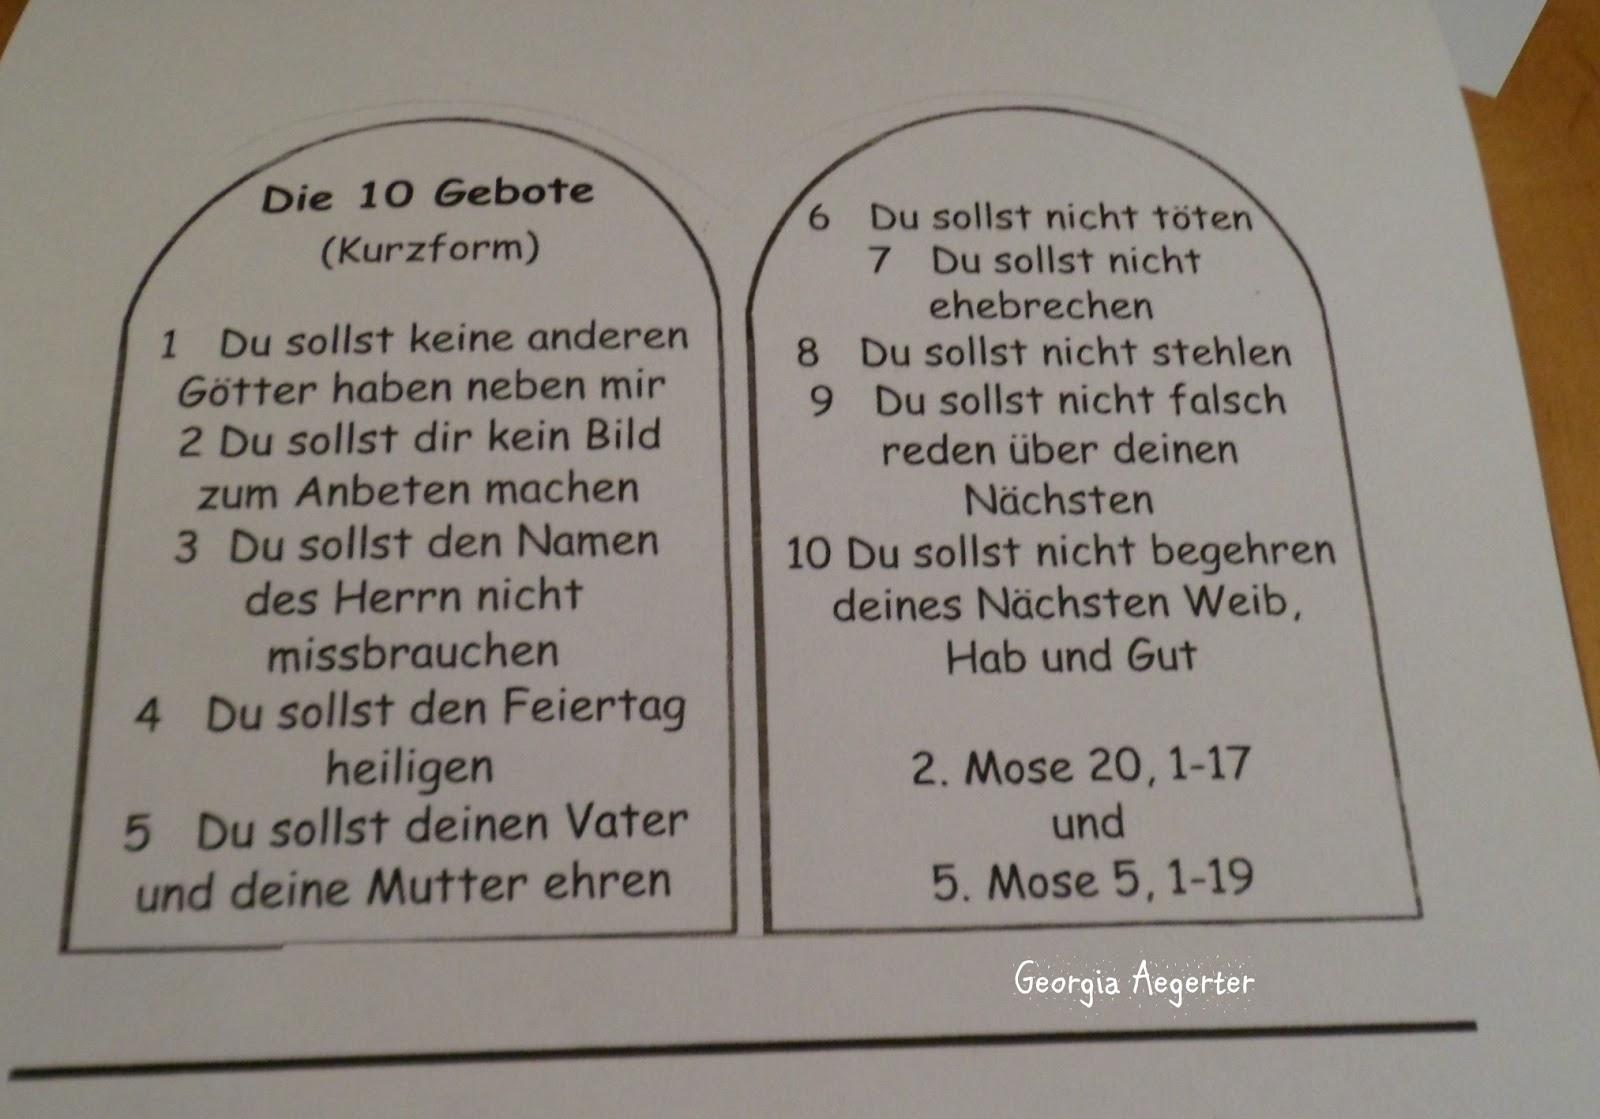 Die 10 Gebote Christentum